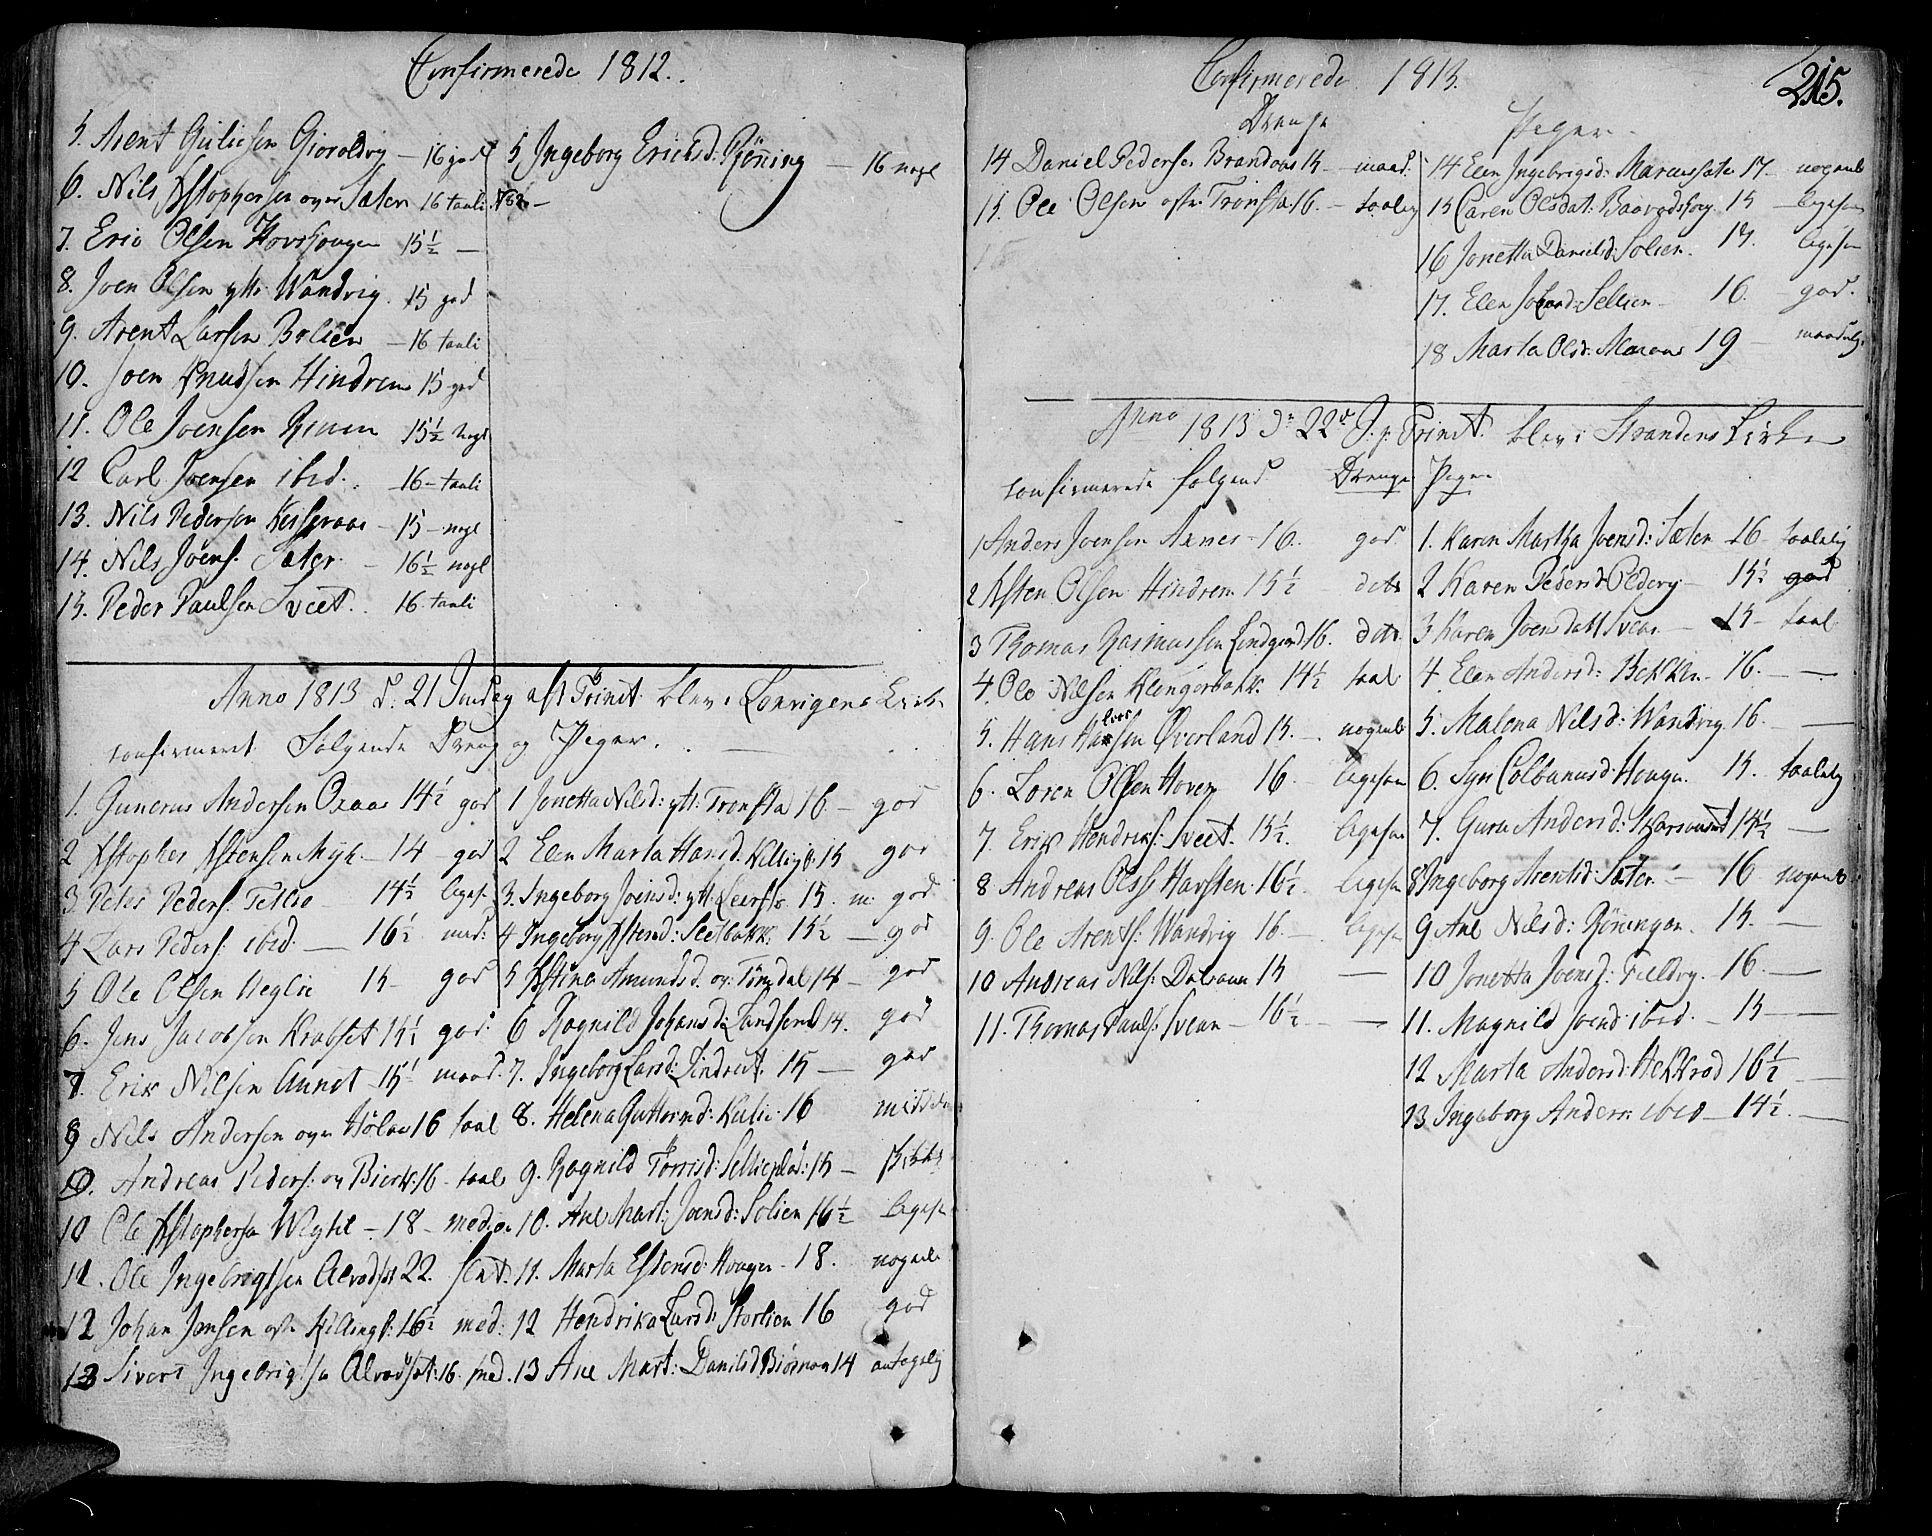 SAT, Ministerialprotokoller, klokkerbøker og fødselsregistre - Nord-Trøndelag, 701/L0004: Ministerialbok nr. 701A04, 1783-1816, s. 215